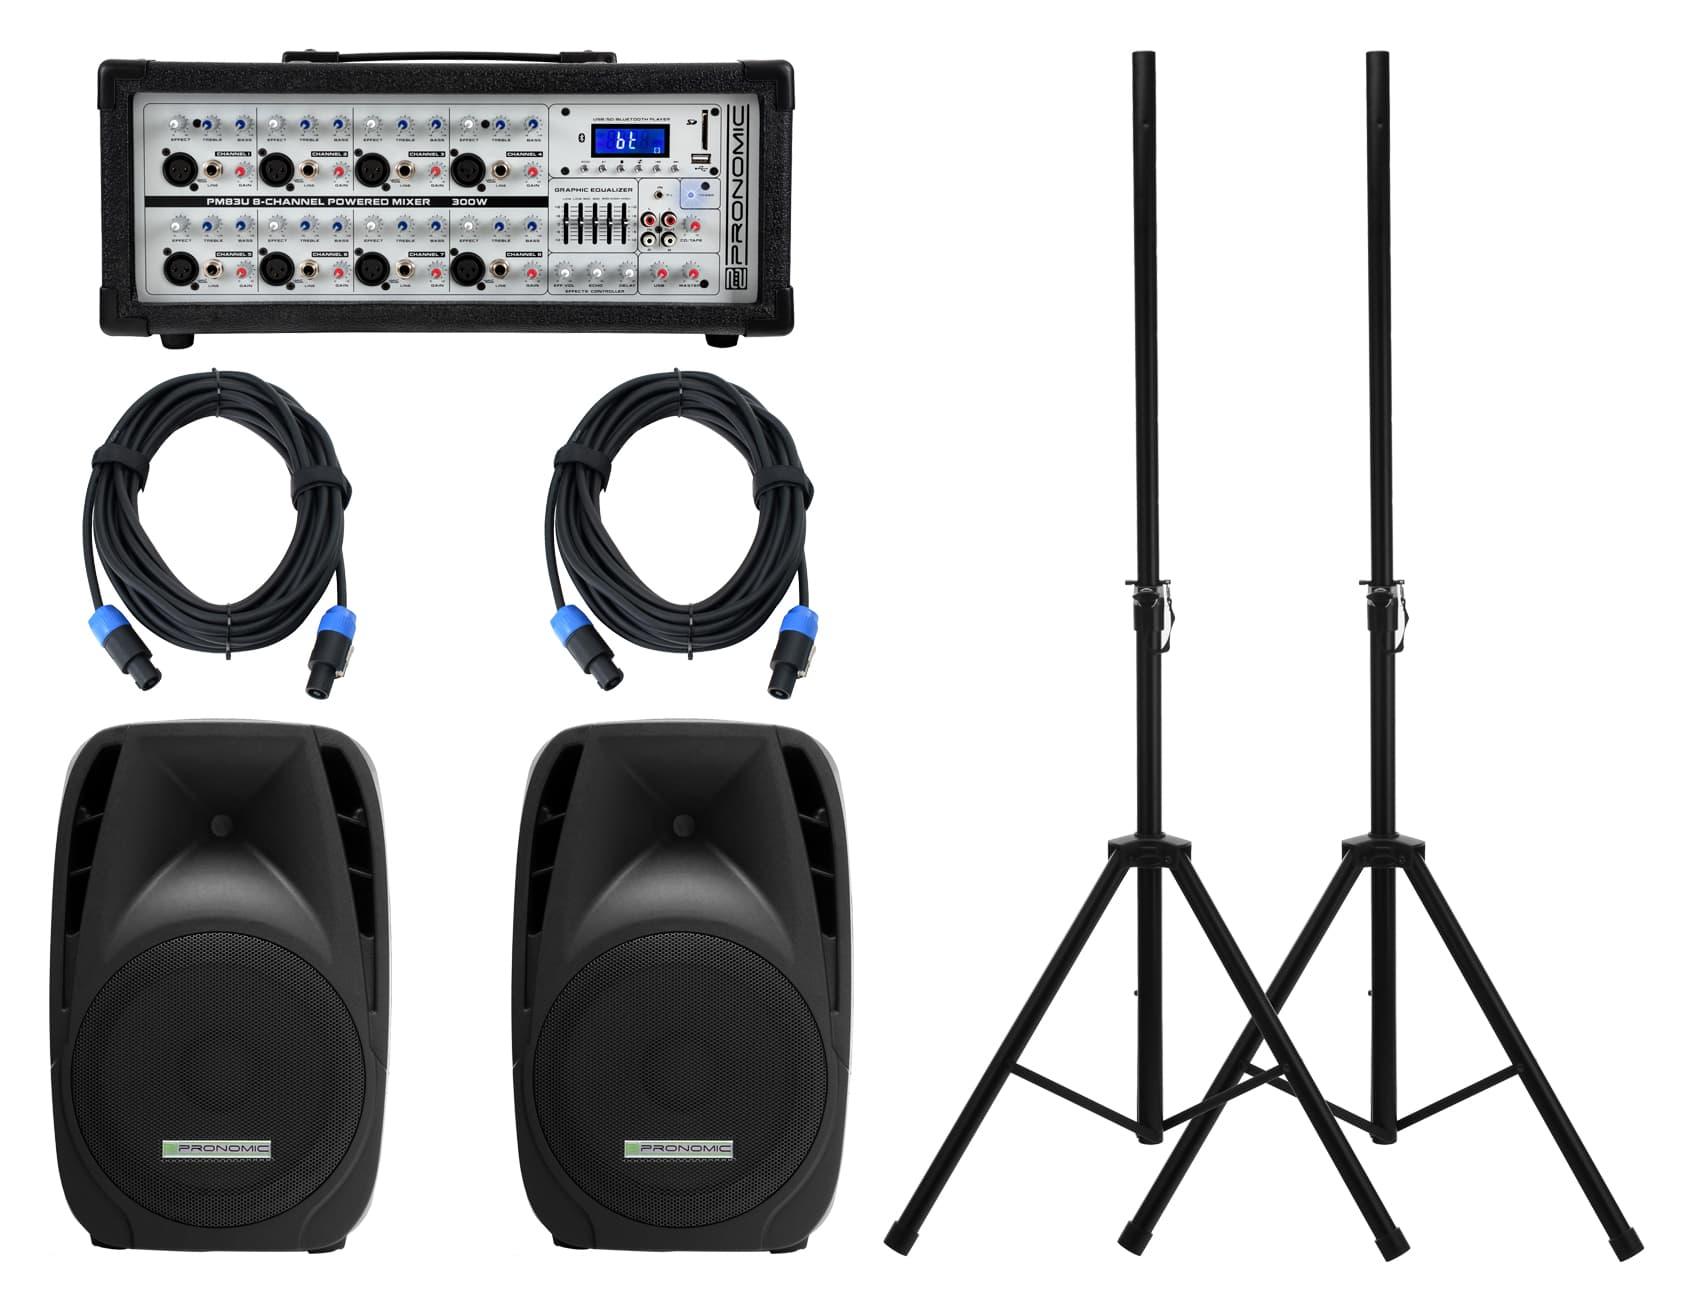 Boxenkomplettanlagen - Pronomic StagePower PM83 PH12 Mobil PA Set - Onlineshop Musikhaus Kirstein